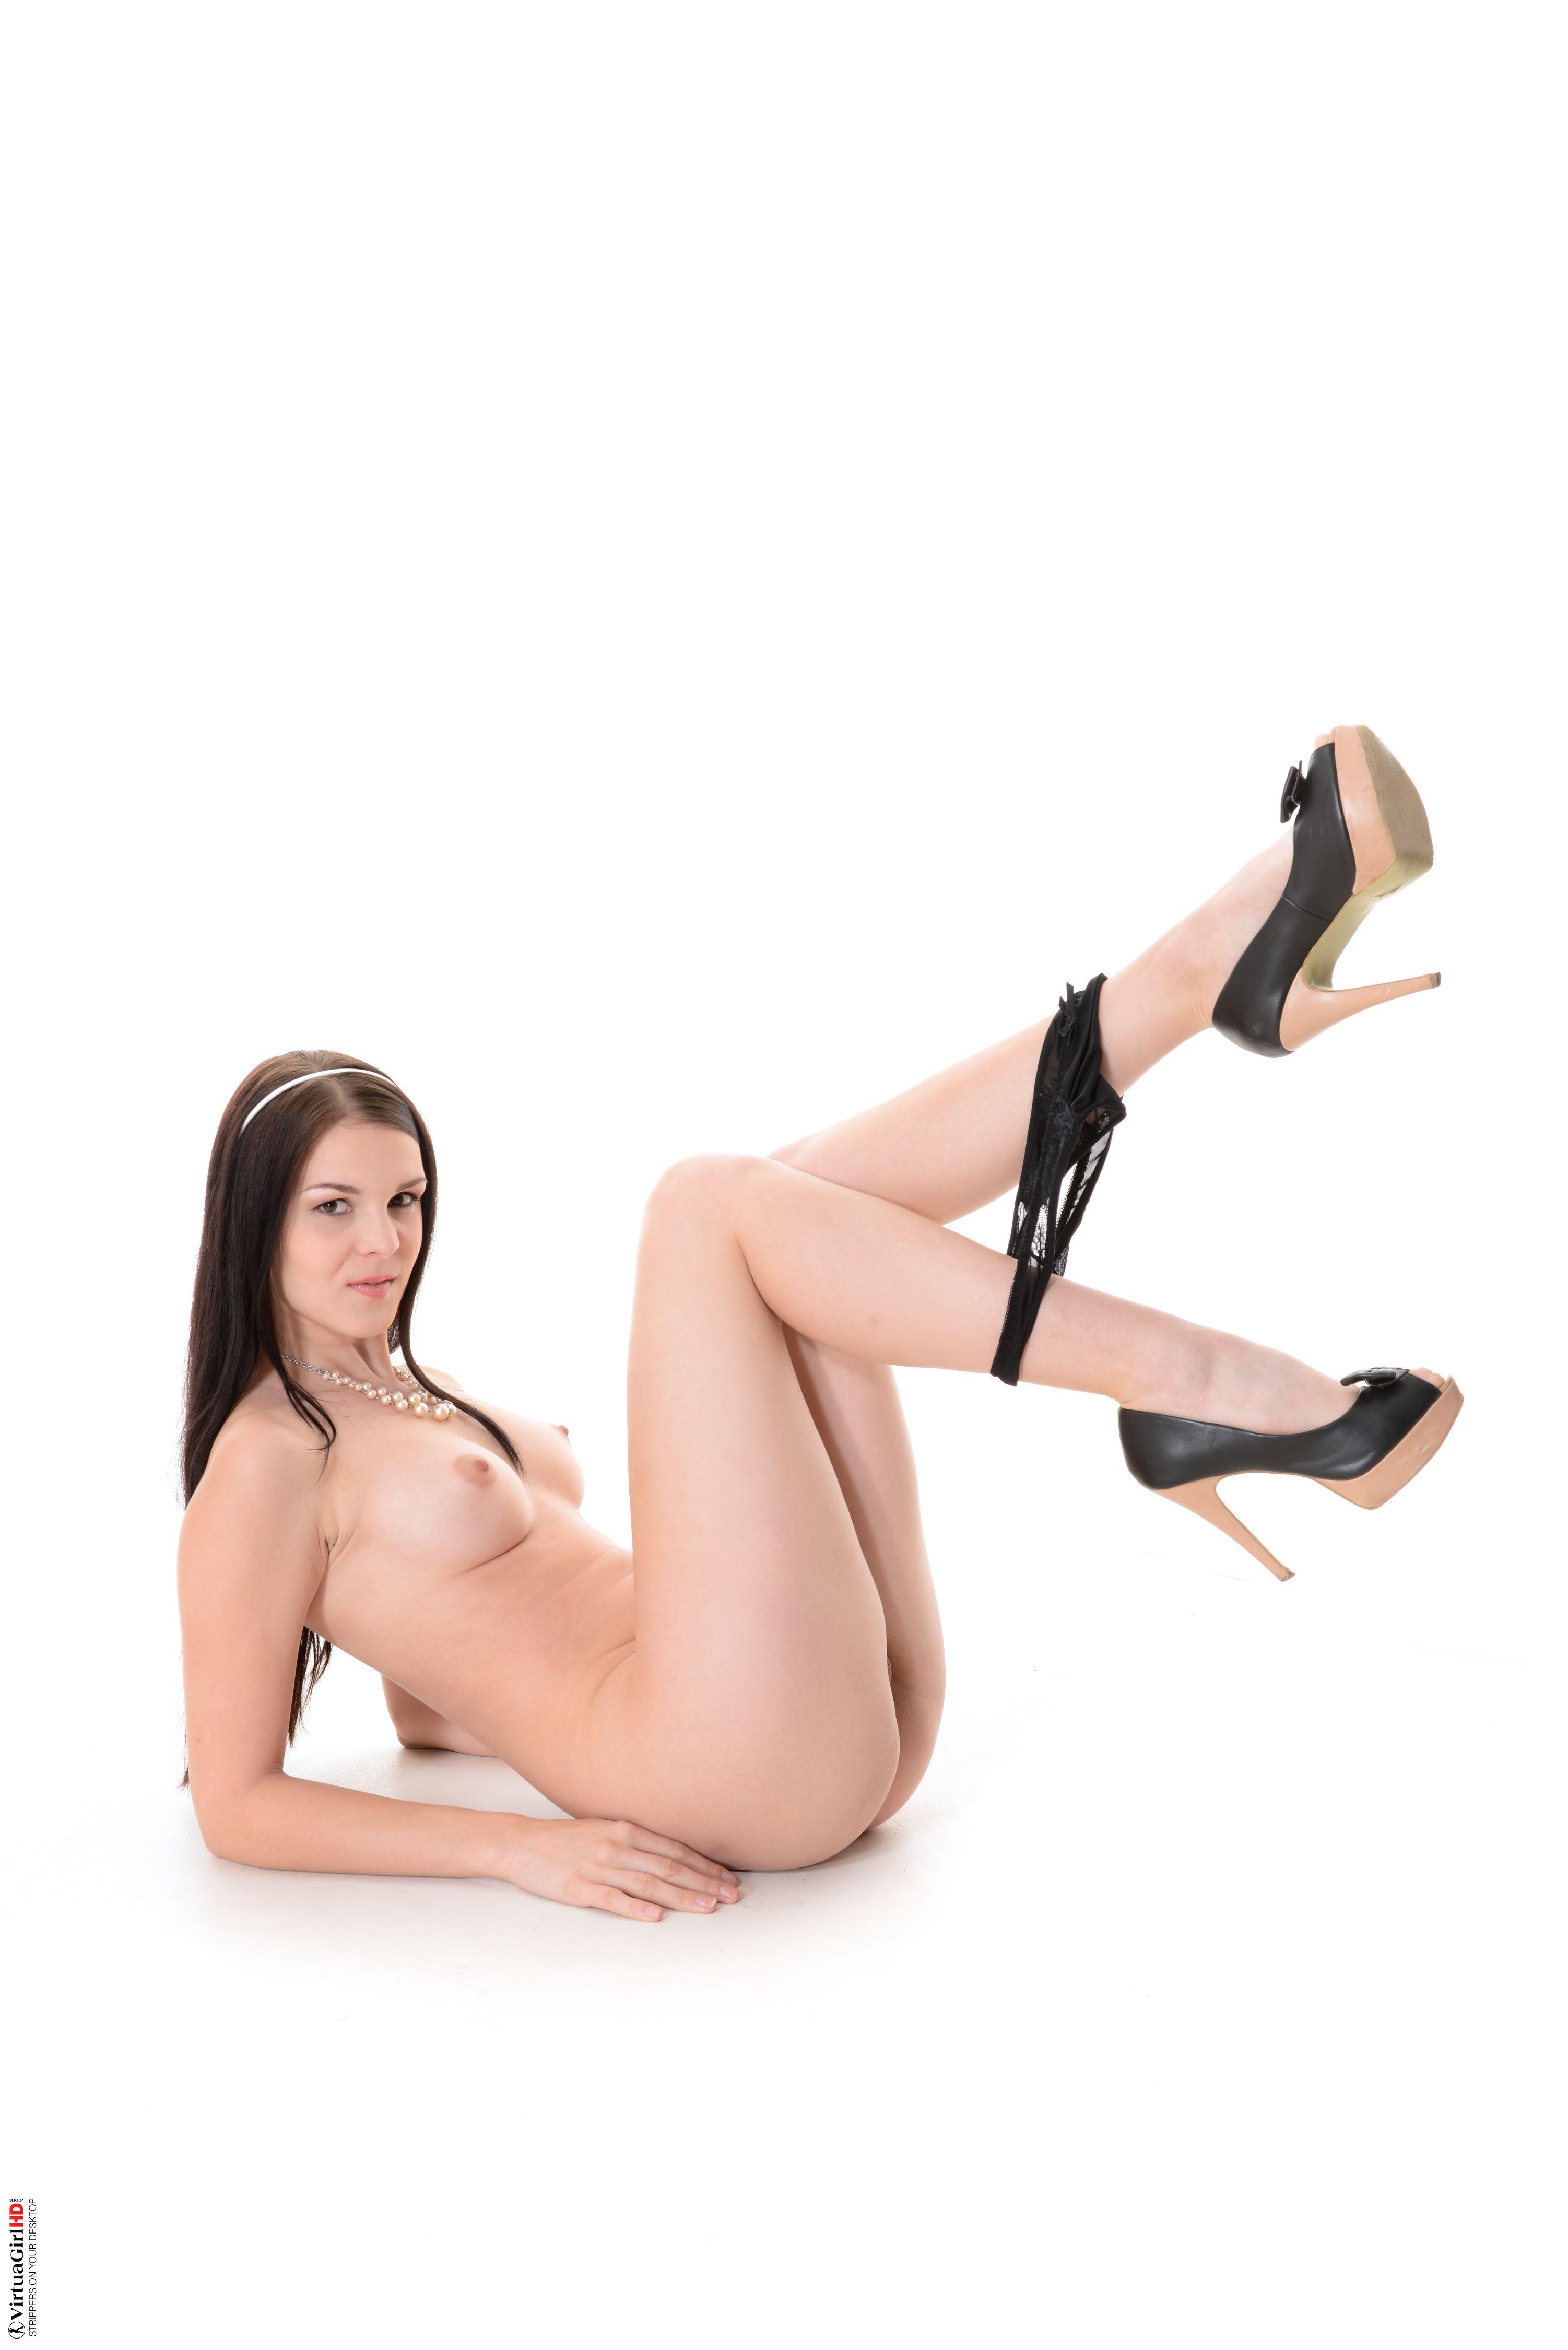 girls stripping in room